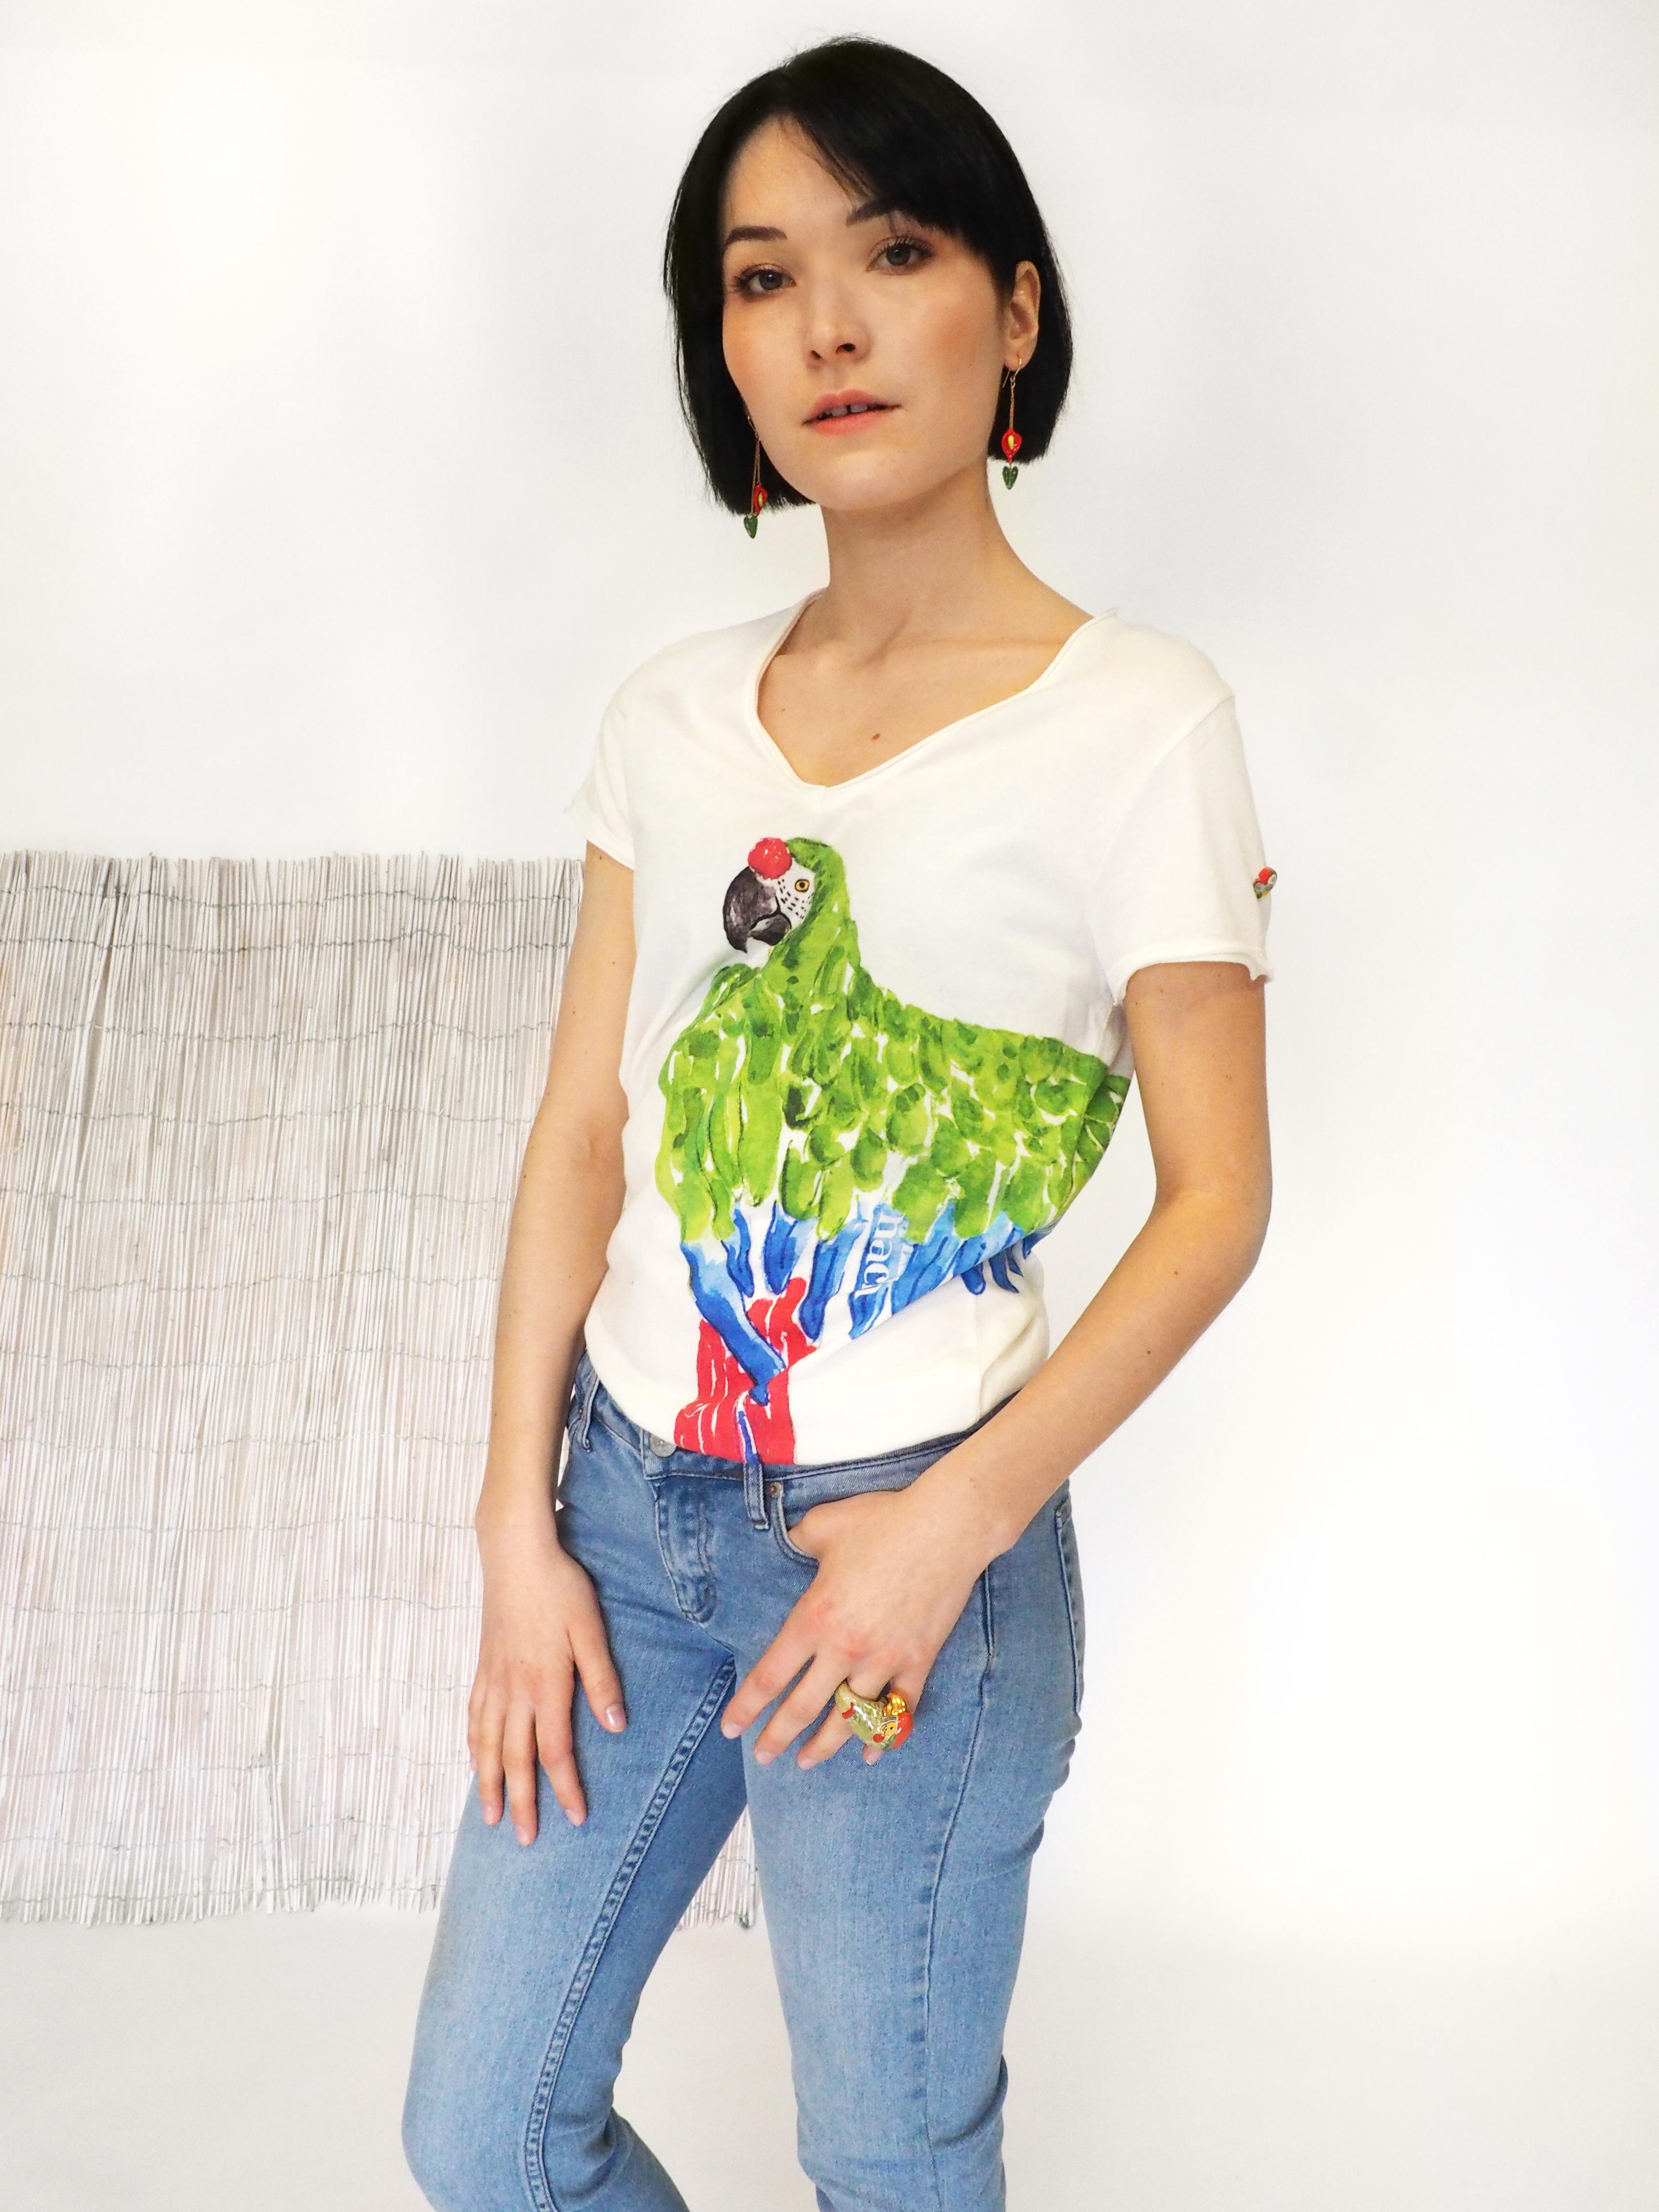 ナッシュ Tシャツ グリーンオウム